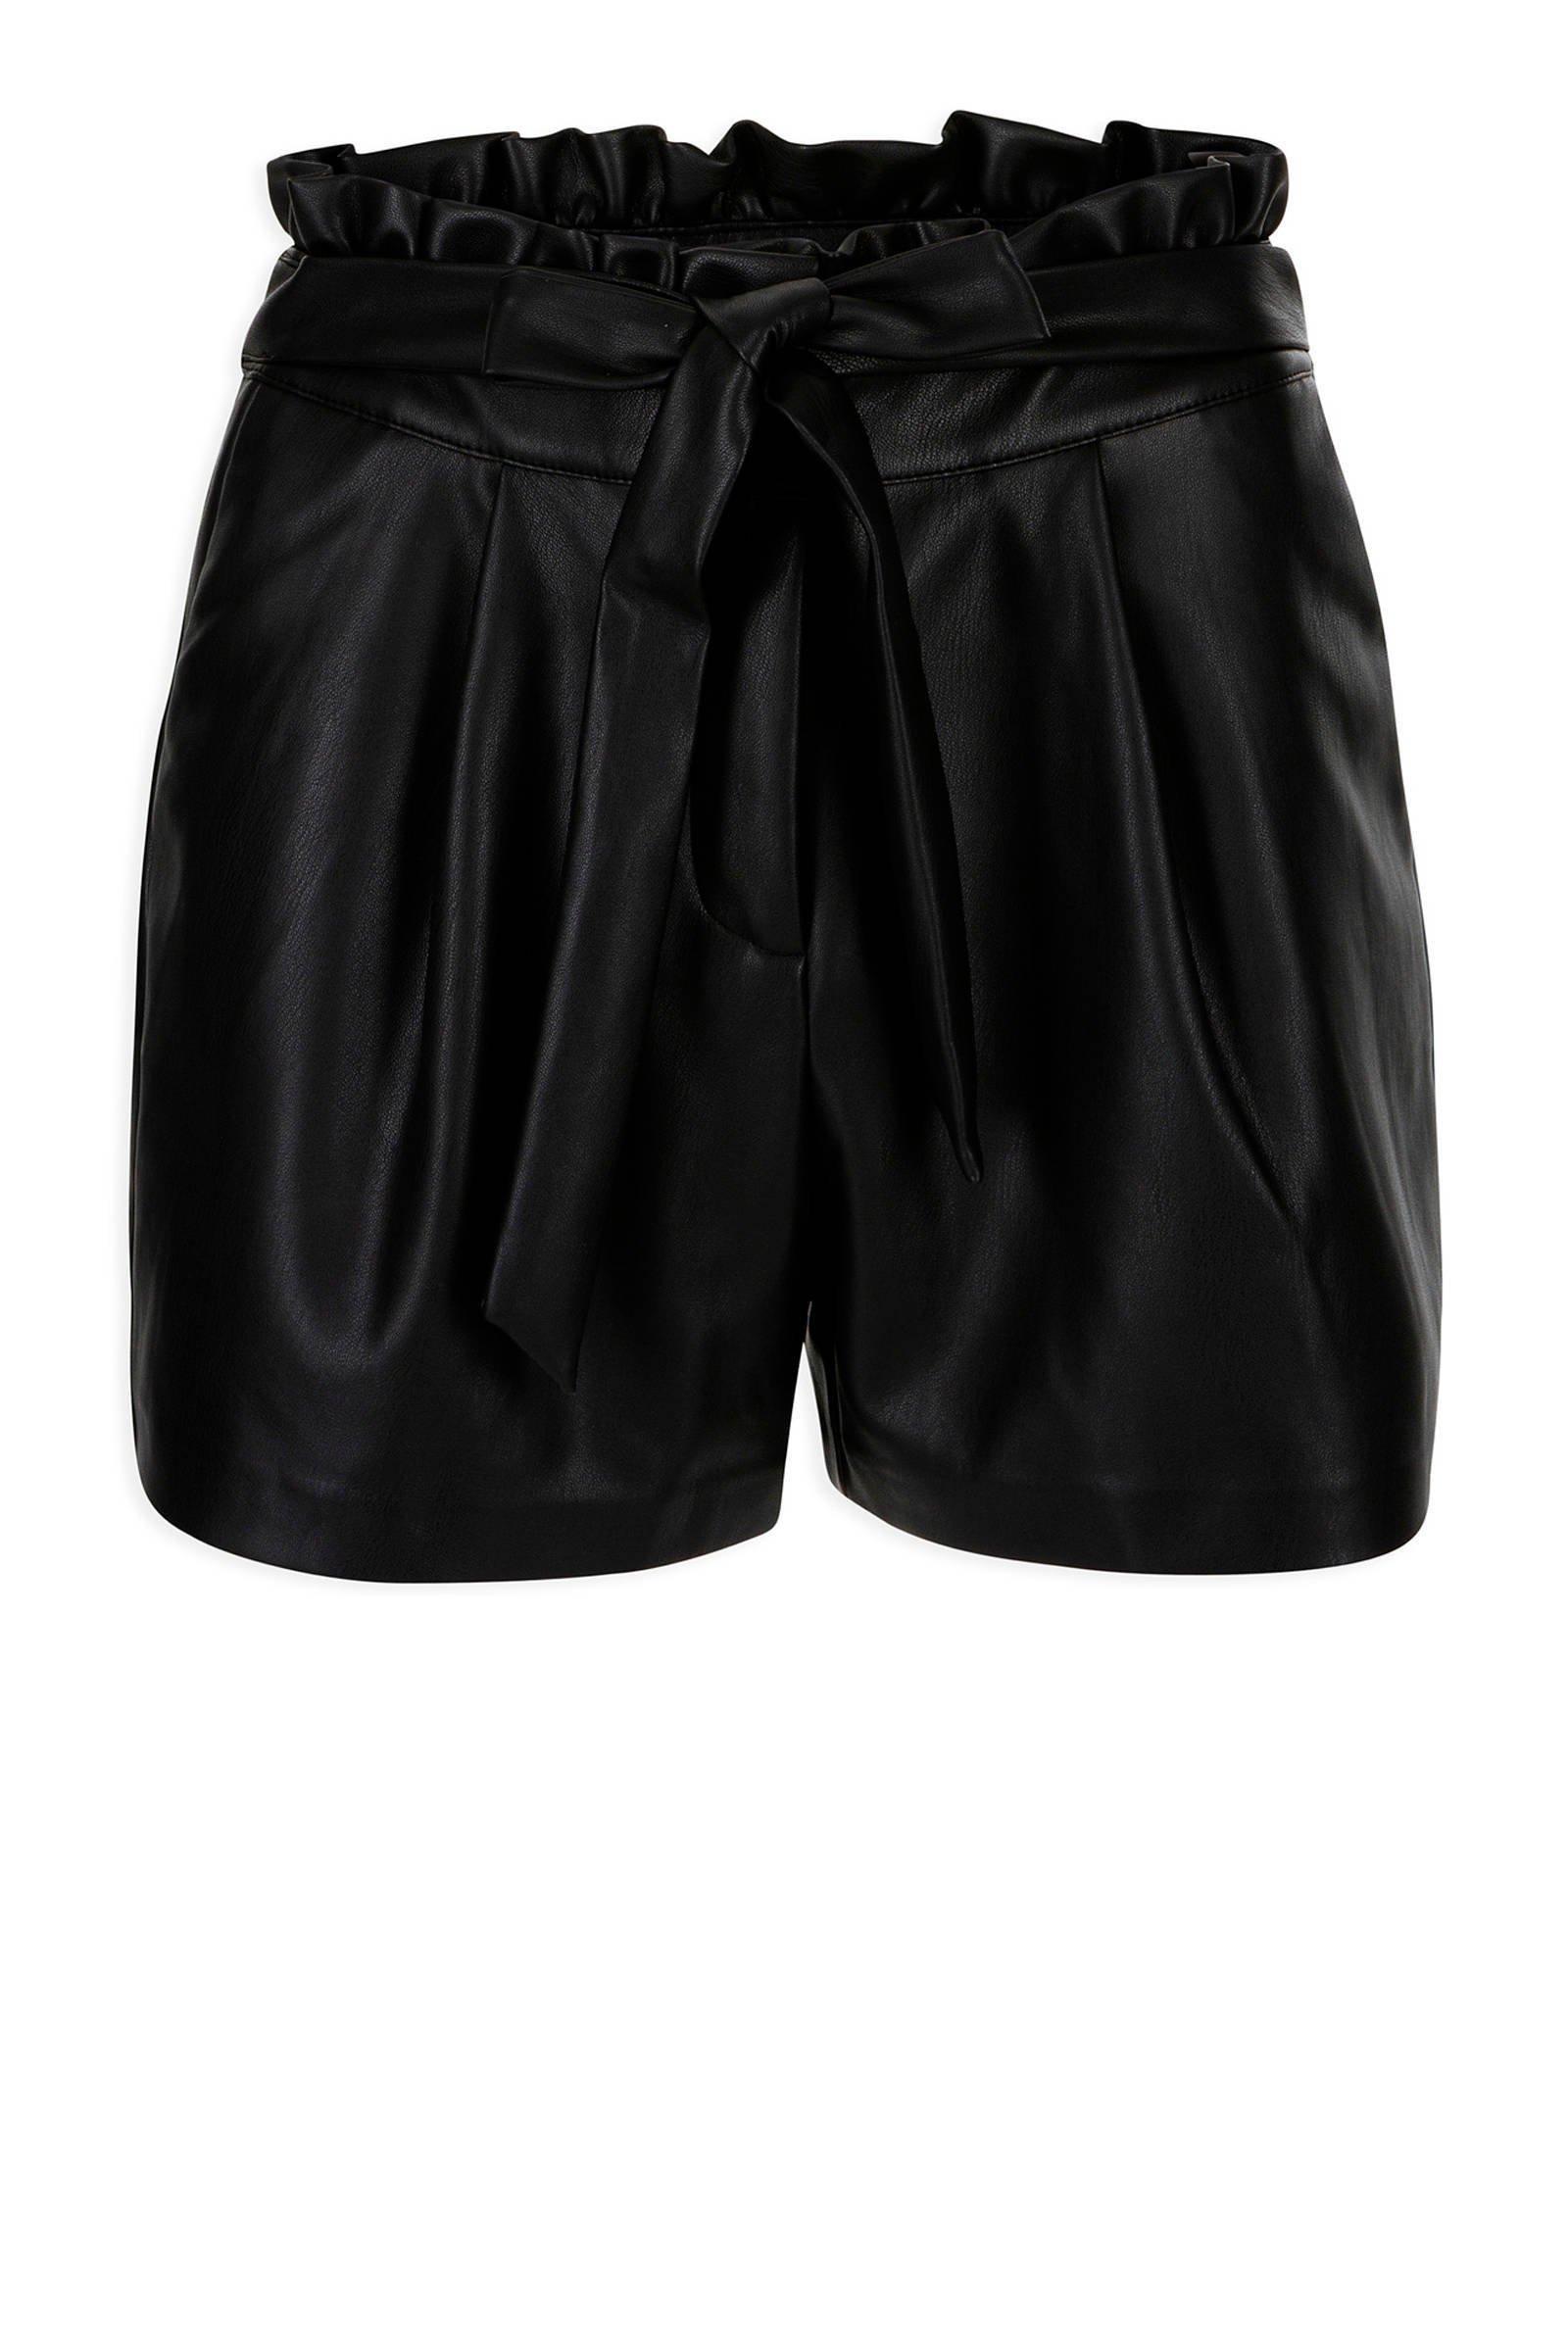 Verwonderend Morgan imitatieleren short Shiny zwart | wehkamp CG-67